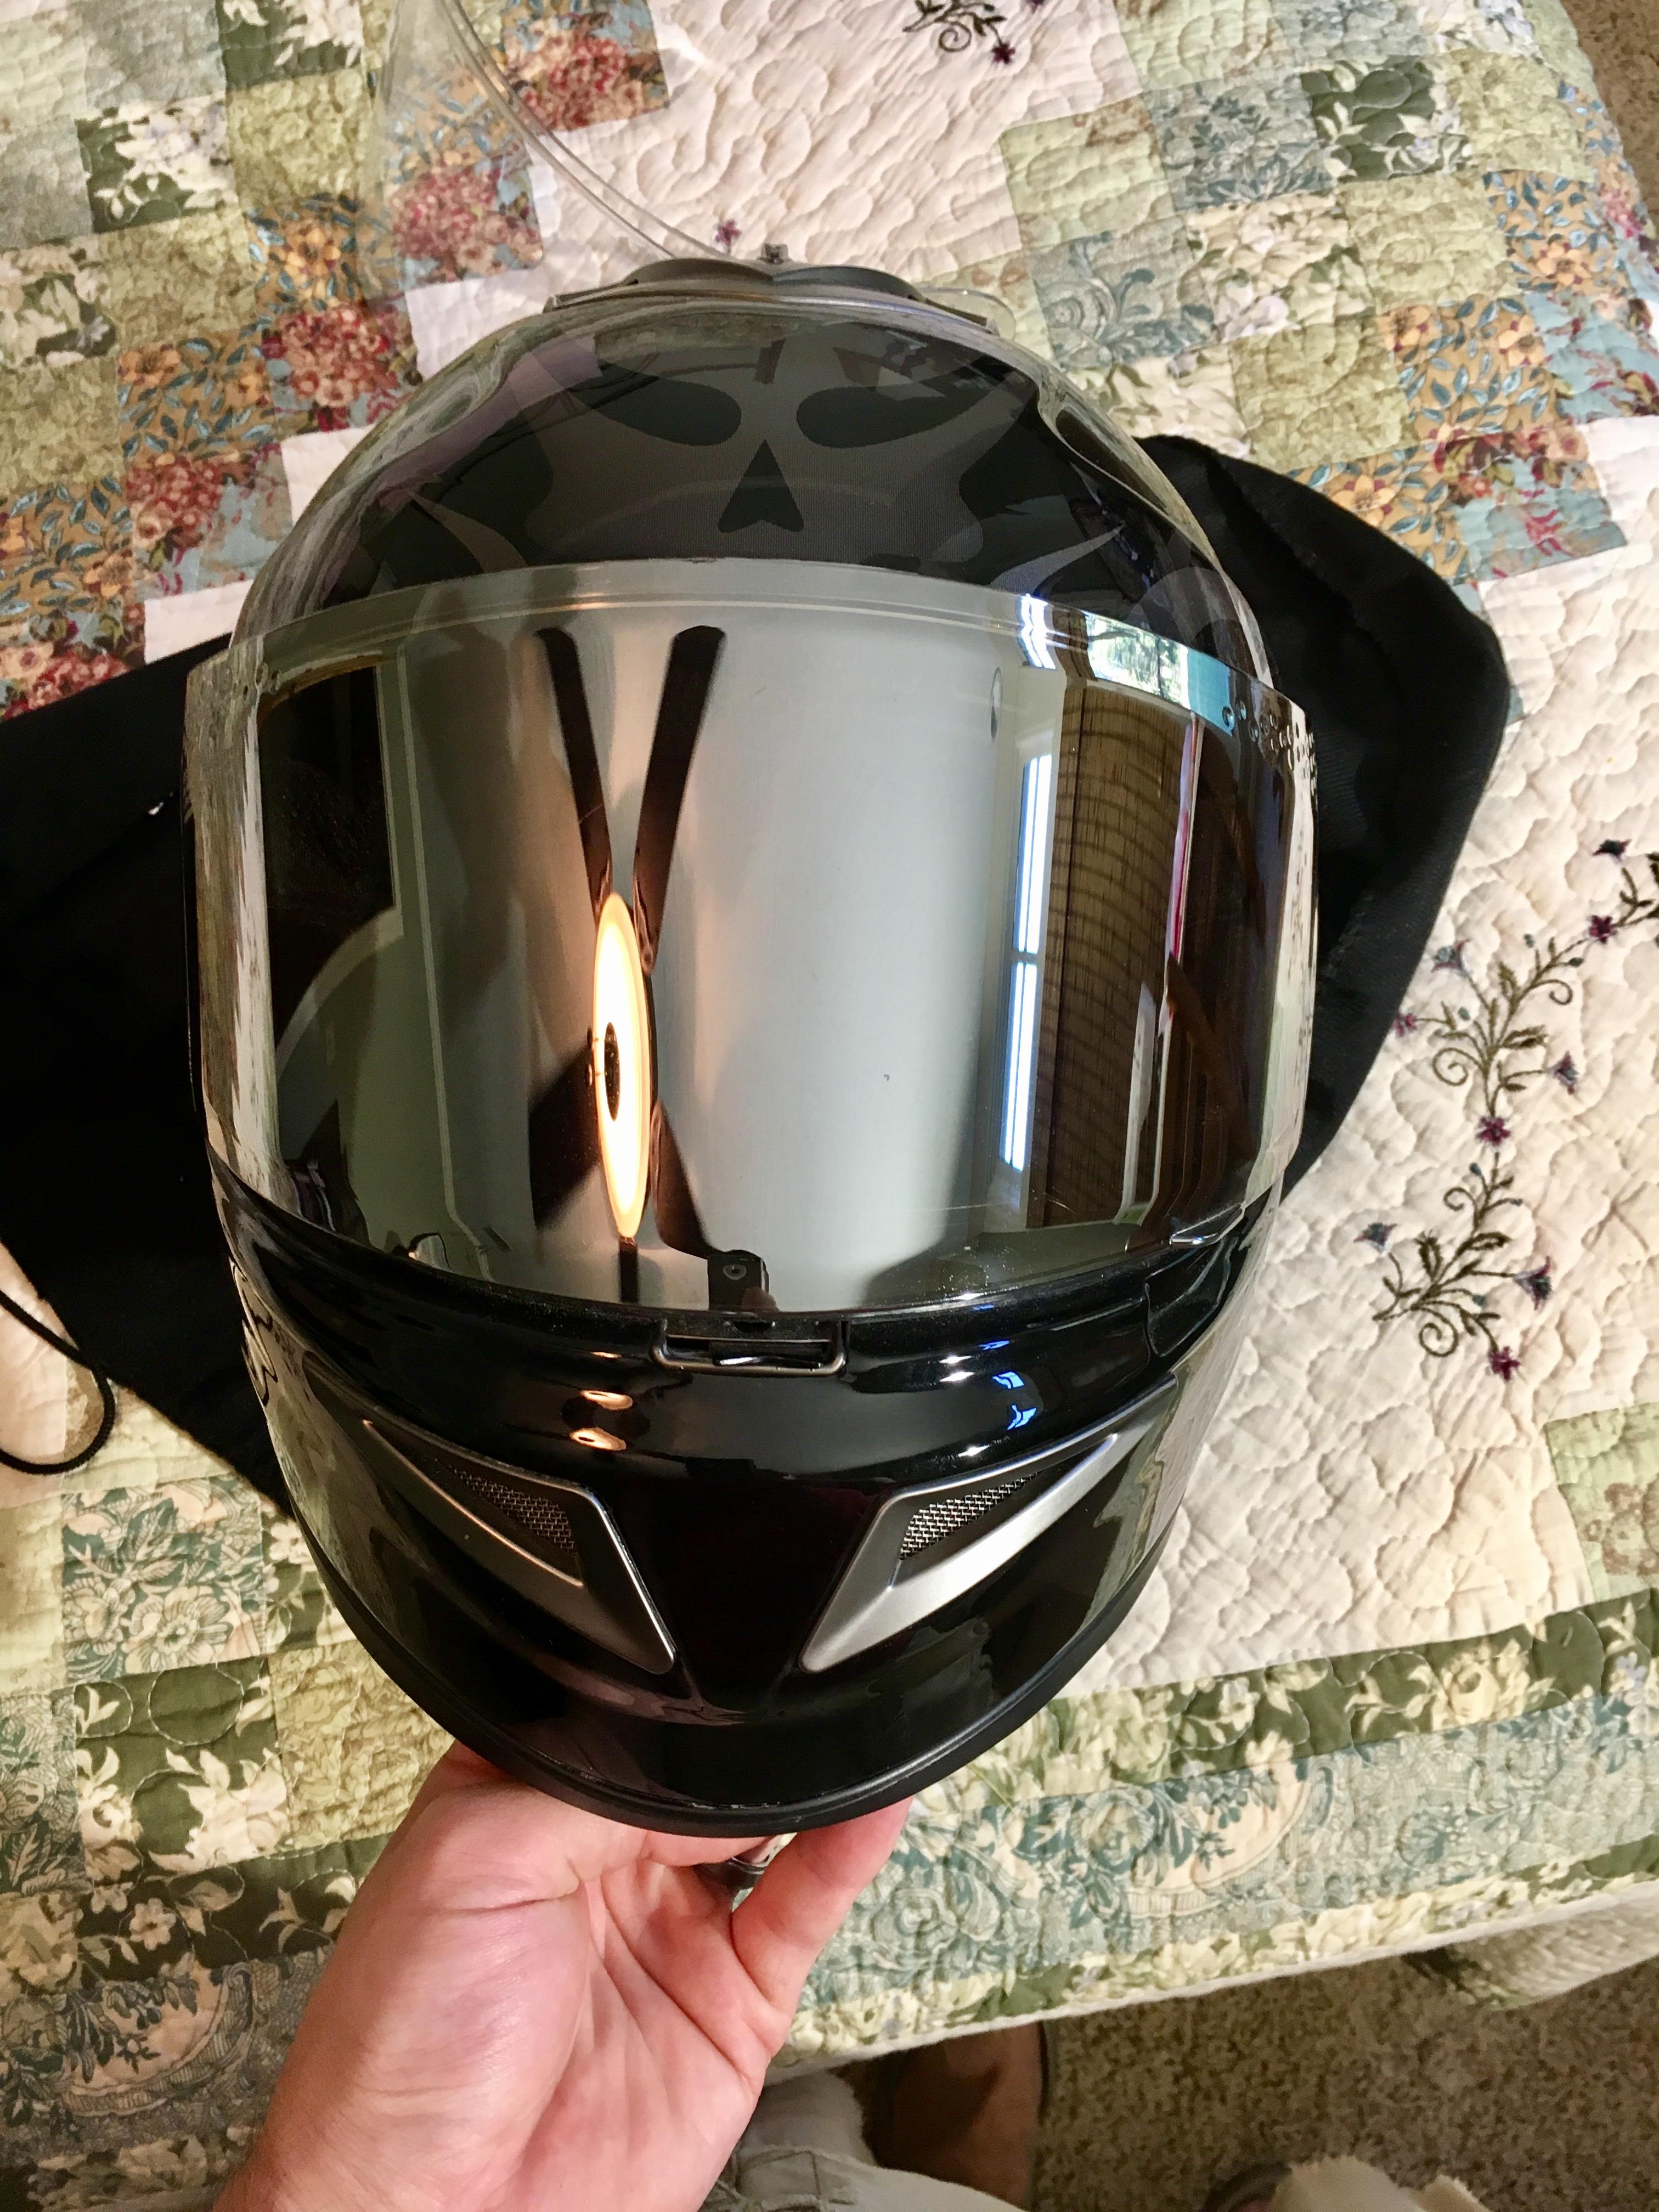 HJC IS-CRUISER MOTORCYCLE HALF HELMET MATTE BLACK LARGE LG 0824-0135-06